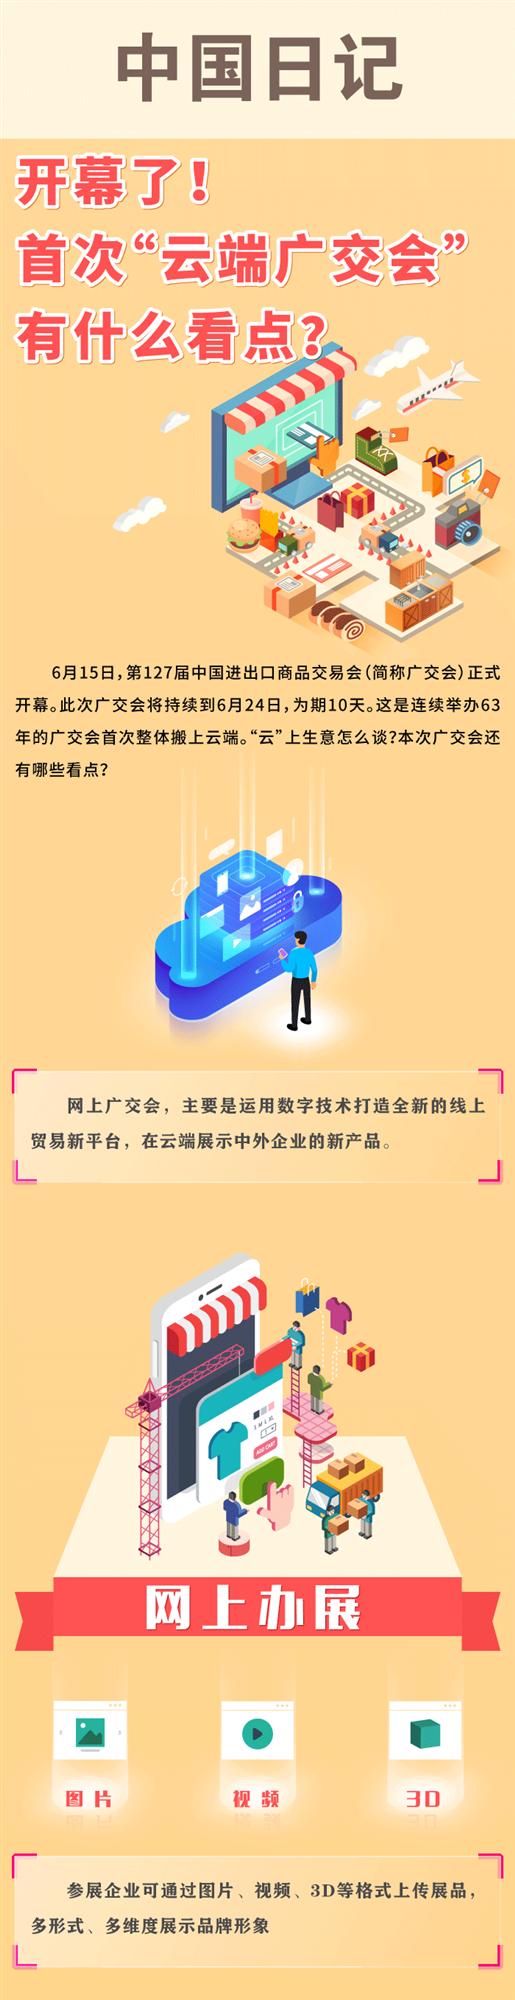 开幕了首次摩天测速云端广交会有,摩天测速图片